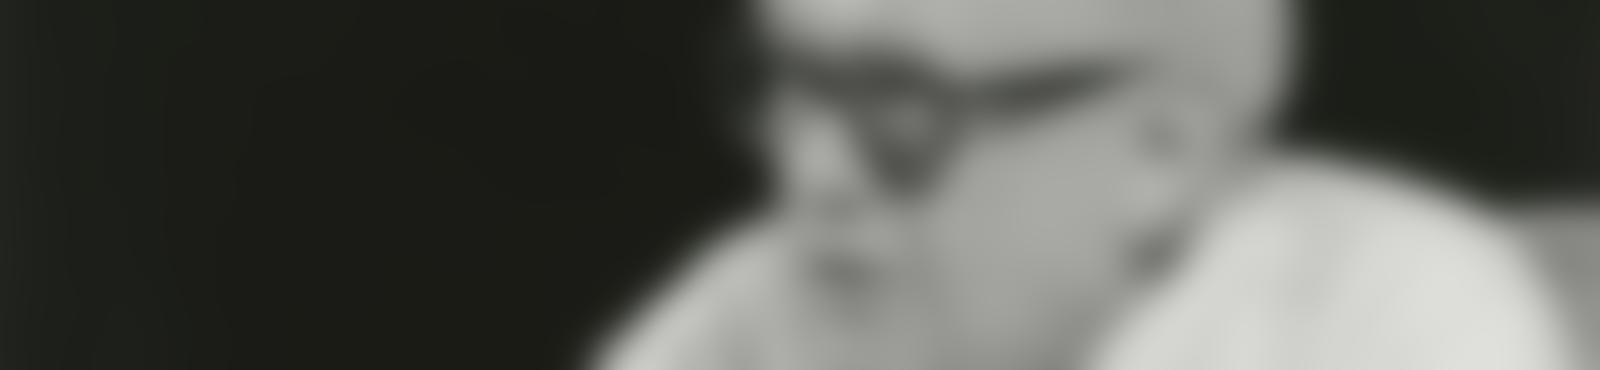 Blurred 0e0c22ef 1119 4fdb 92cd 4a31b9dc9a45